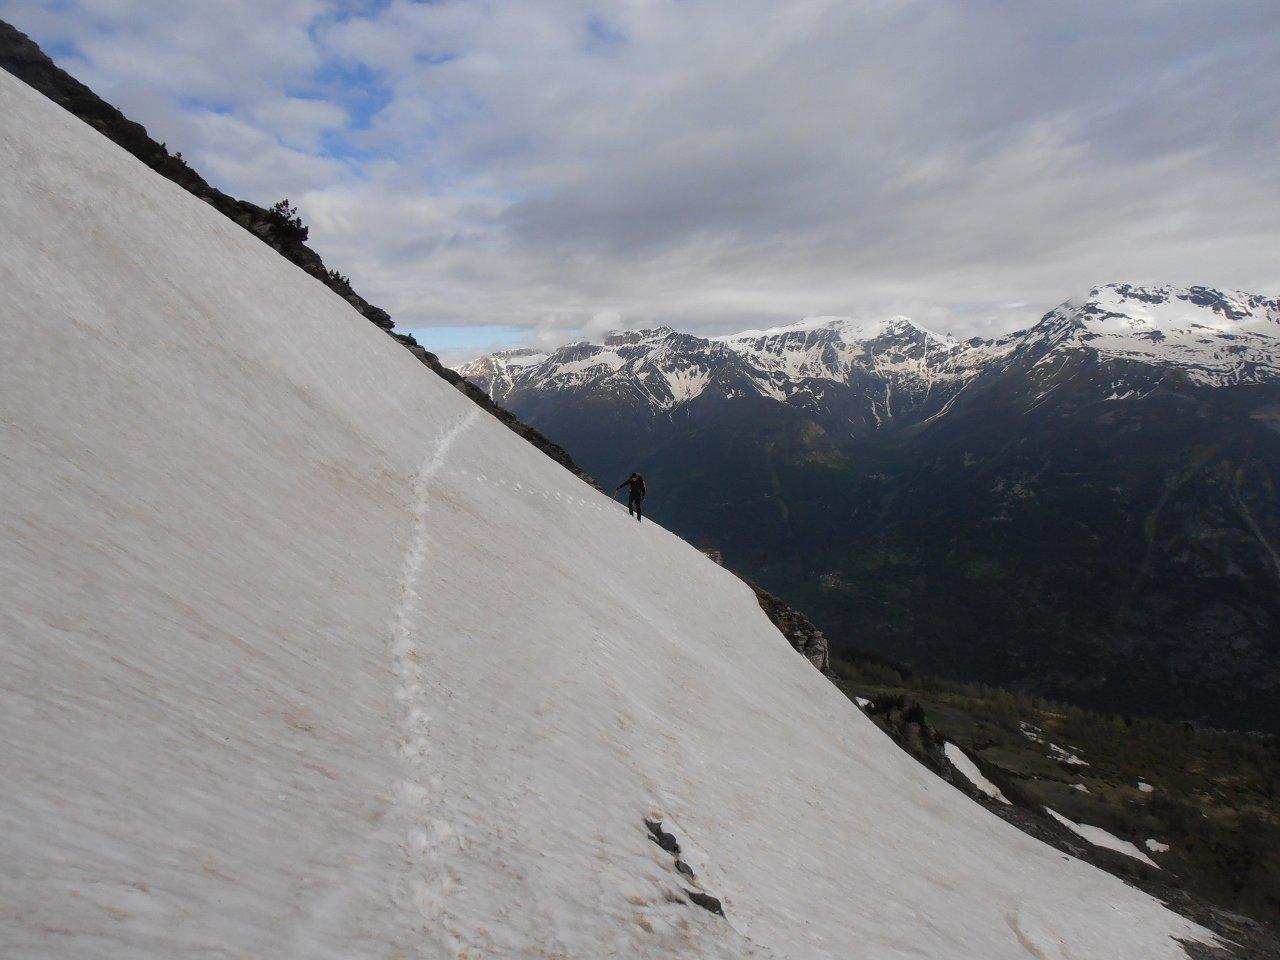 traverso iniziale lungo la strada... per chi vuole divertirsi un pò di più su neve